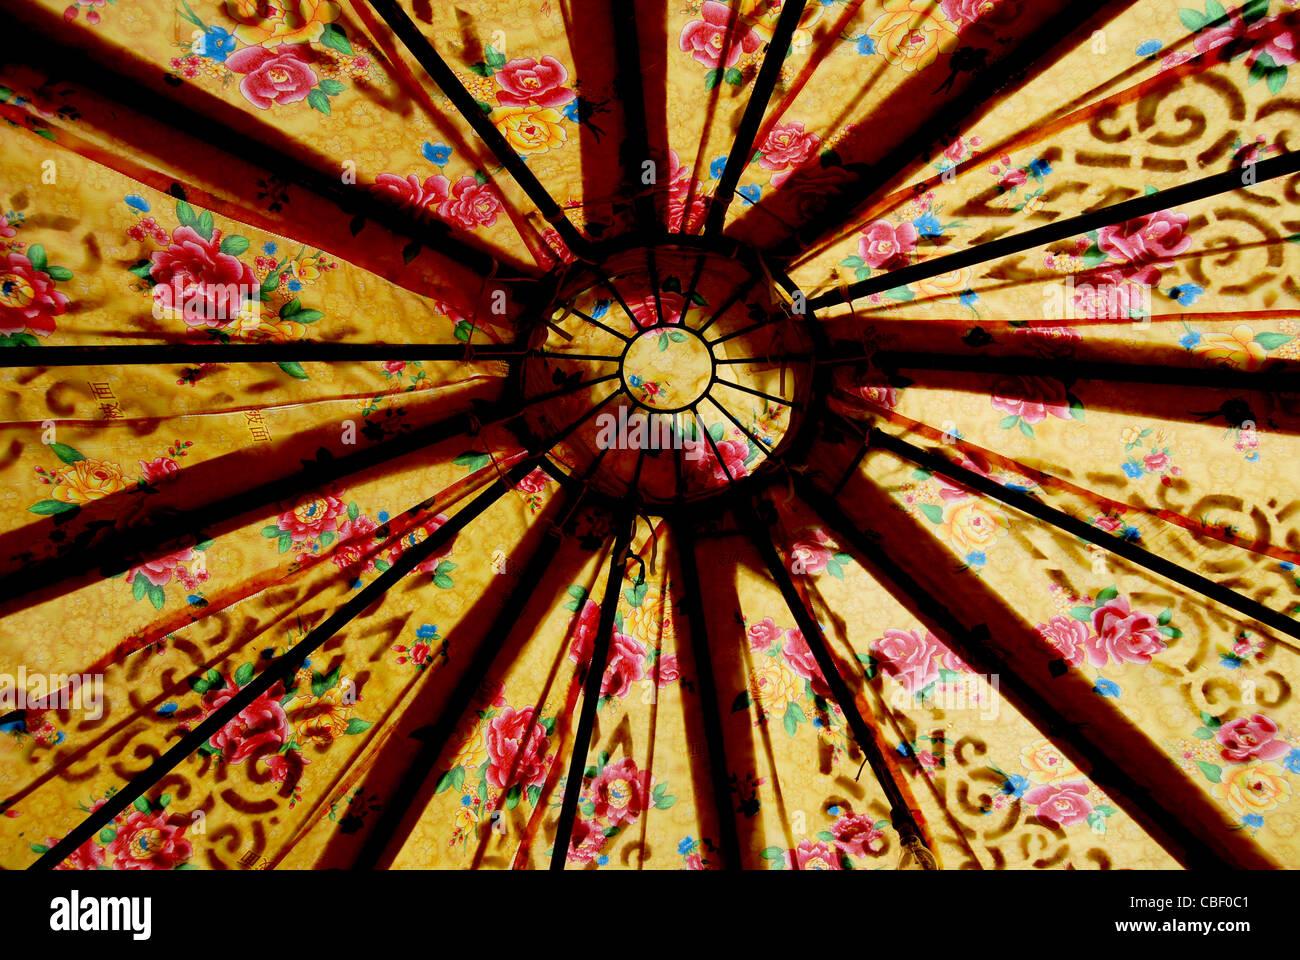 Tibet, Tibetan Floral pattern in a nomadic tent - Stock Image